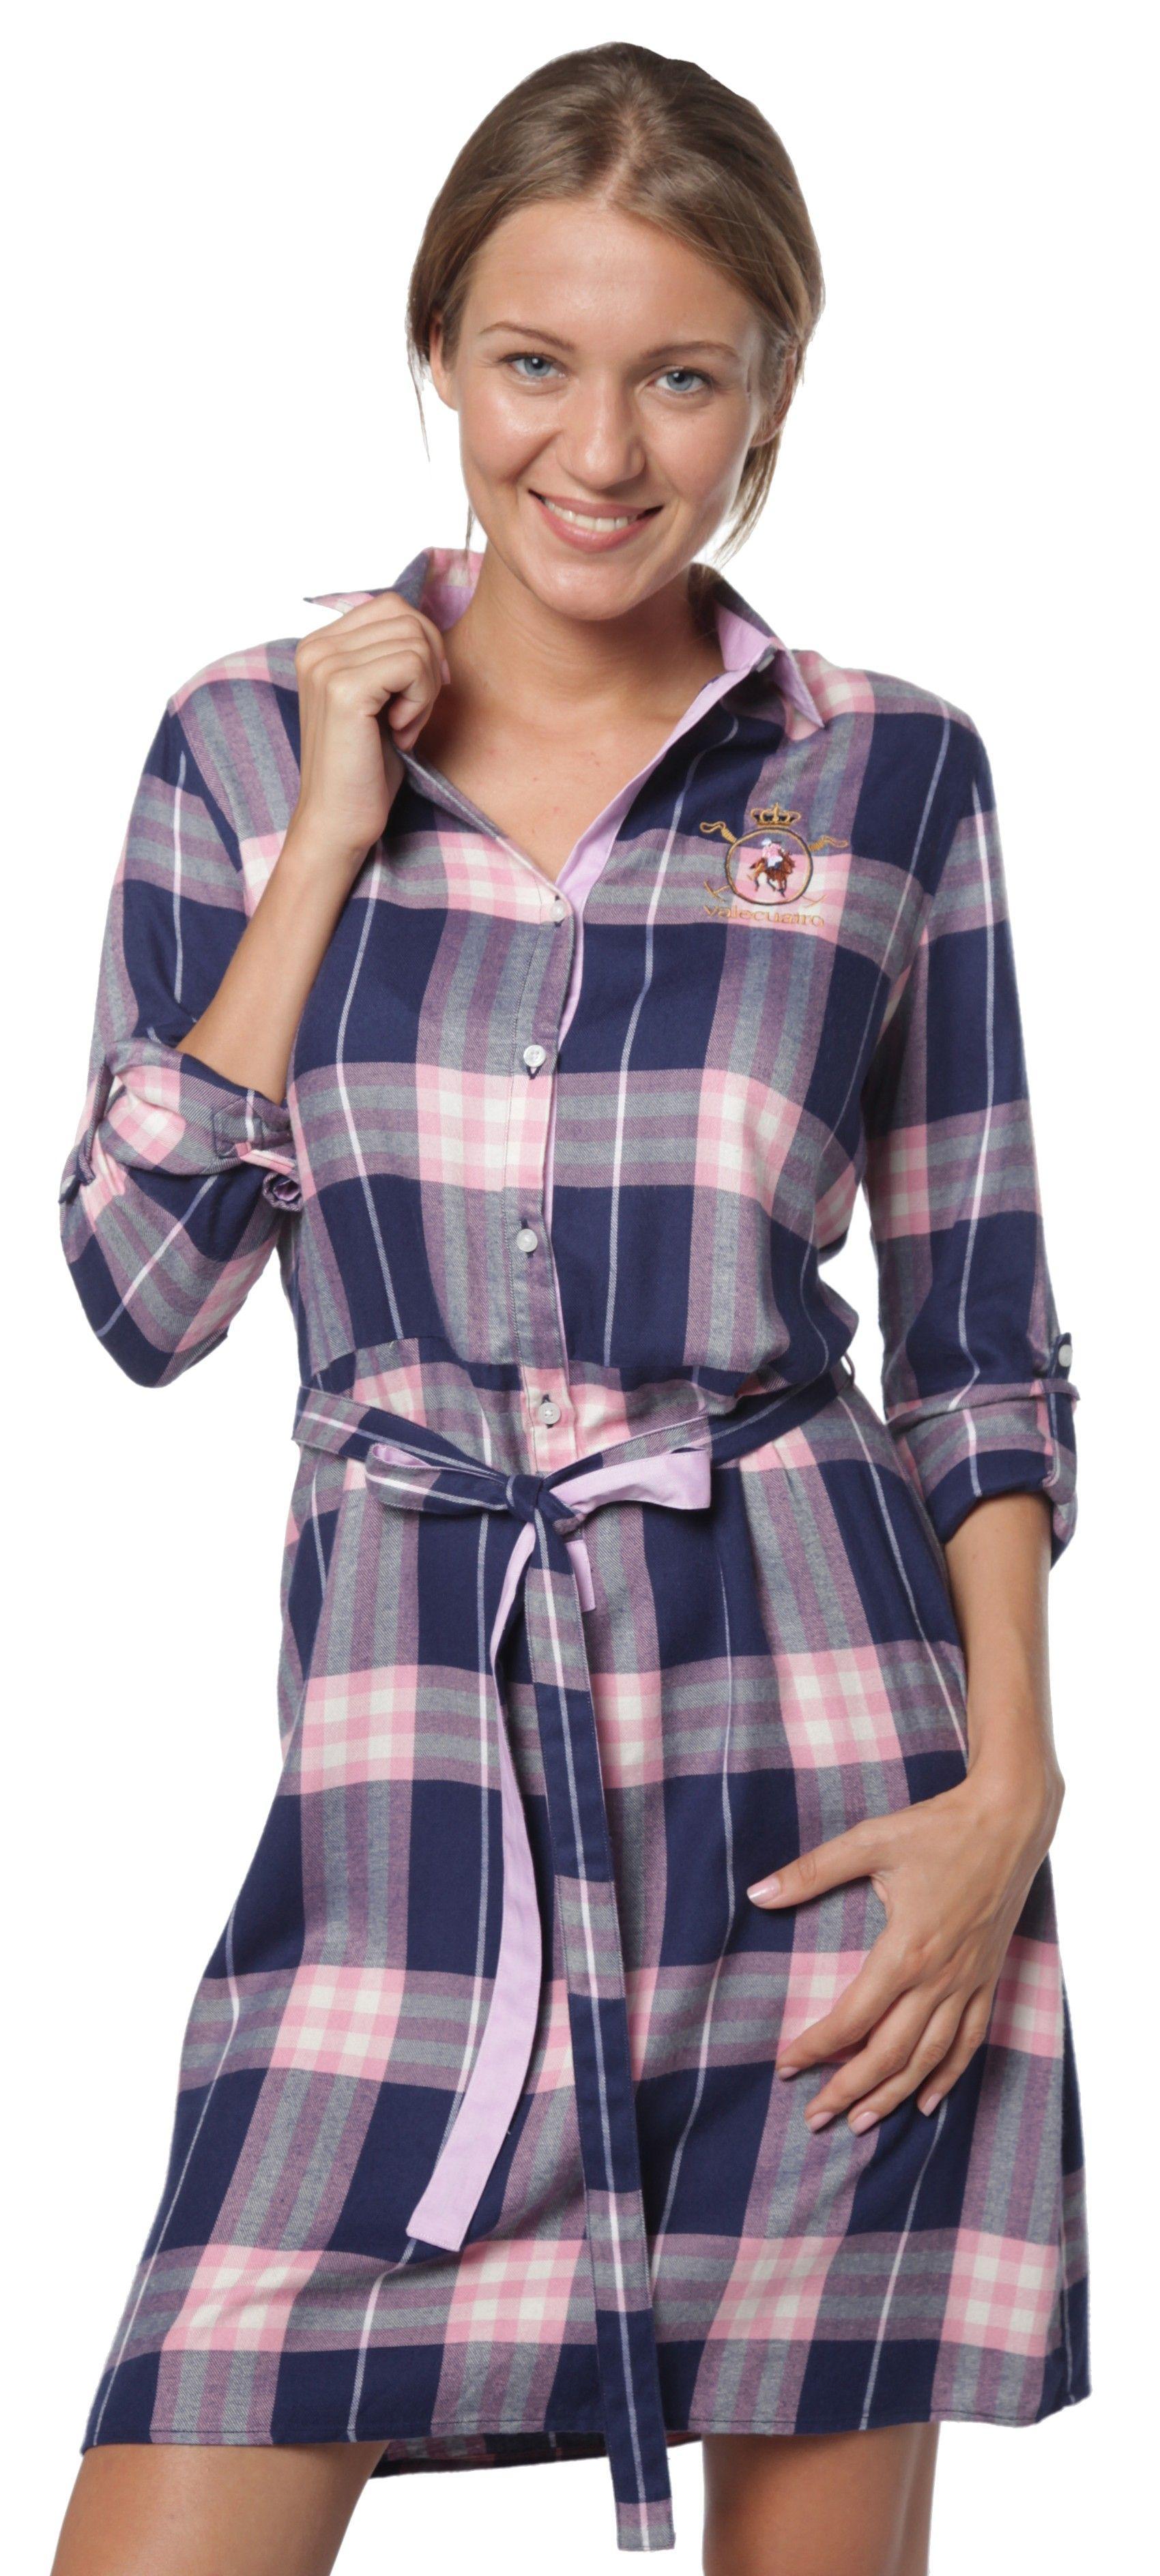 f580f7261a1b Tienda online | Moda mujer y hombre Vestido de cuadros tartán en ...